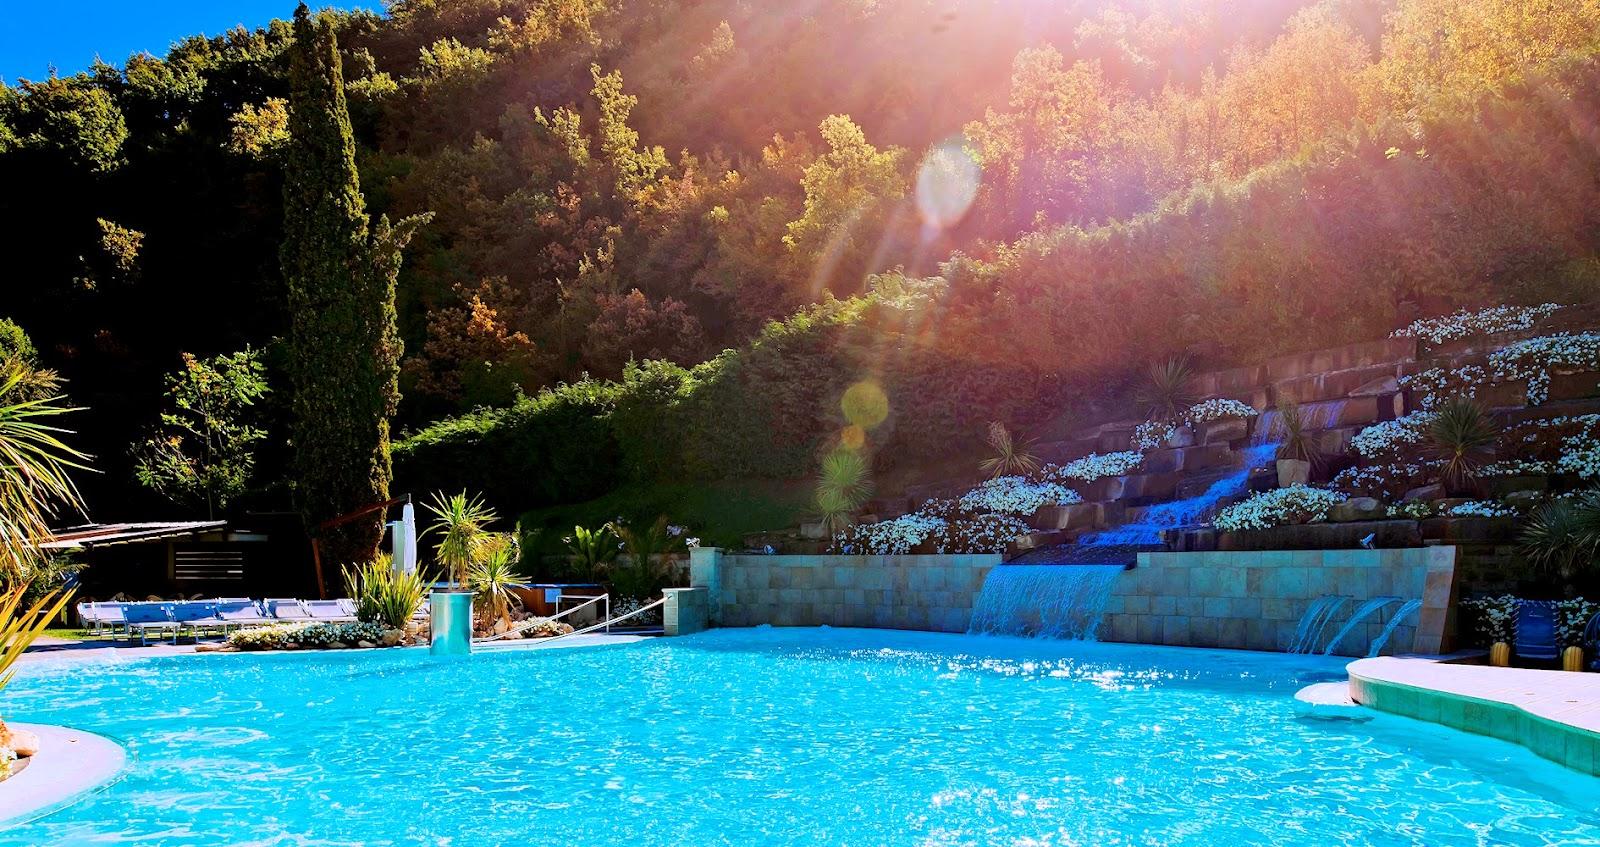 Mamma Mia Che Blog: HappyFamily: Relax e natura a Bagno di Romagna ...